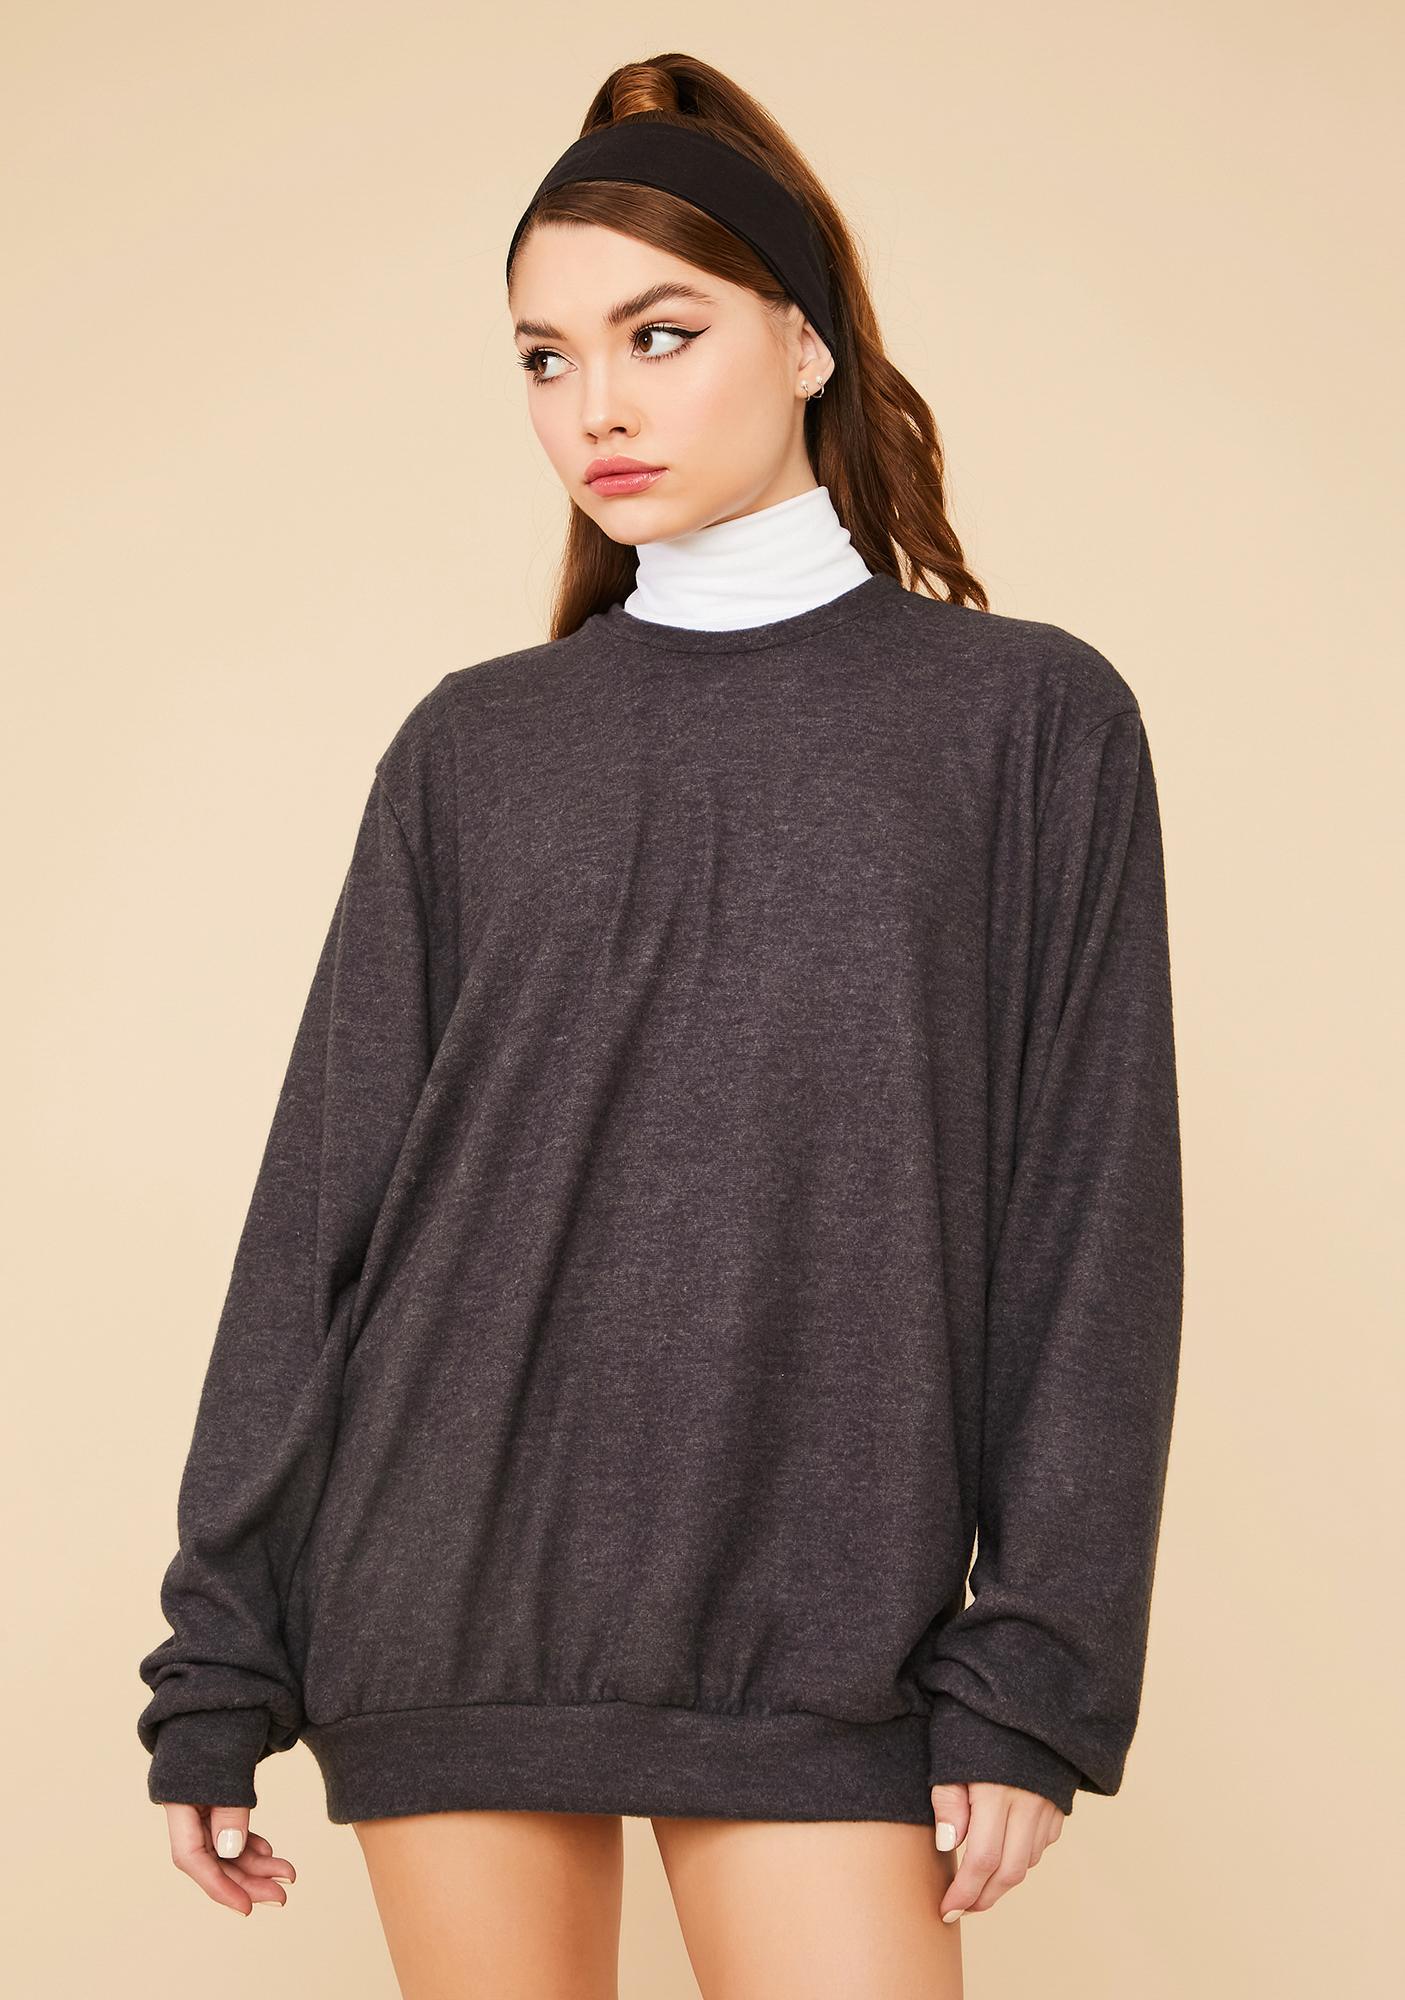 Charcoal Easy Going Mini Sweatshirt Dress